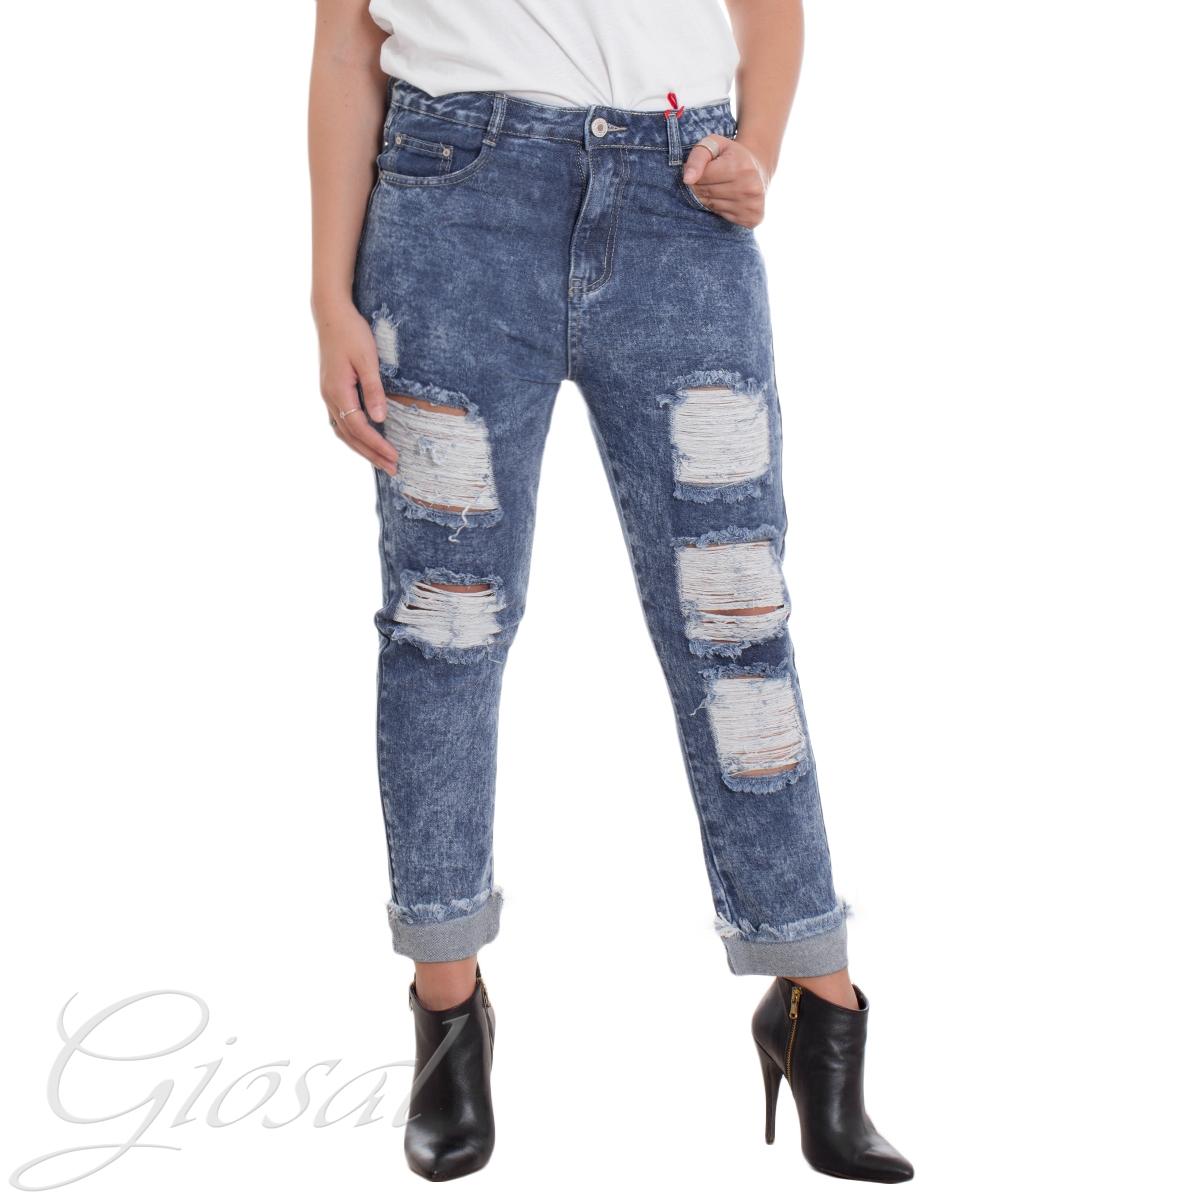 Anestetico corto Sito di previsione  Jeans Donna Denim Vita Alta Bottone Zip Rotture Risvolto Frange Abrasioni  Casual GIOSAL